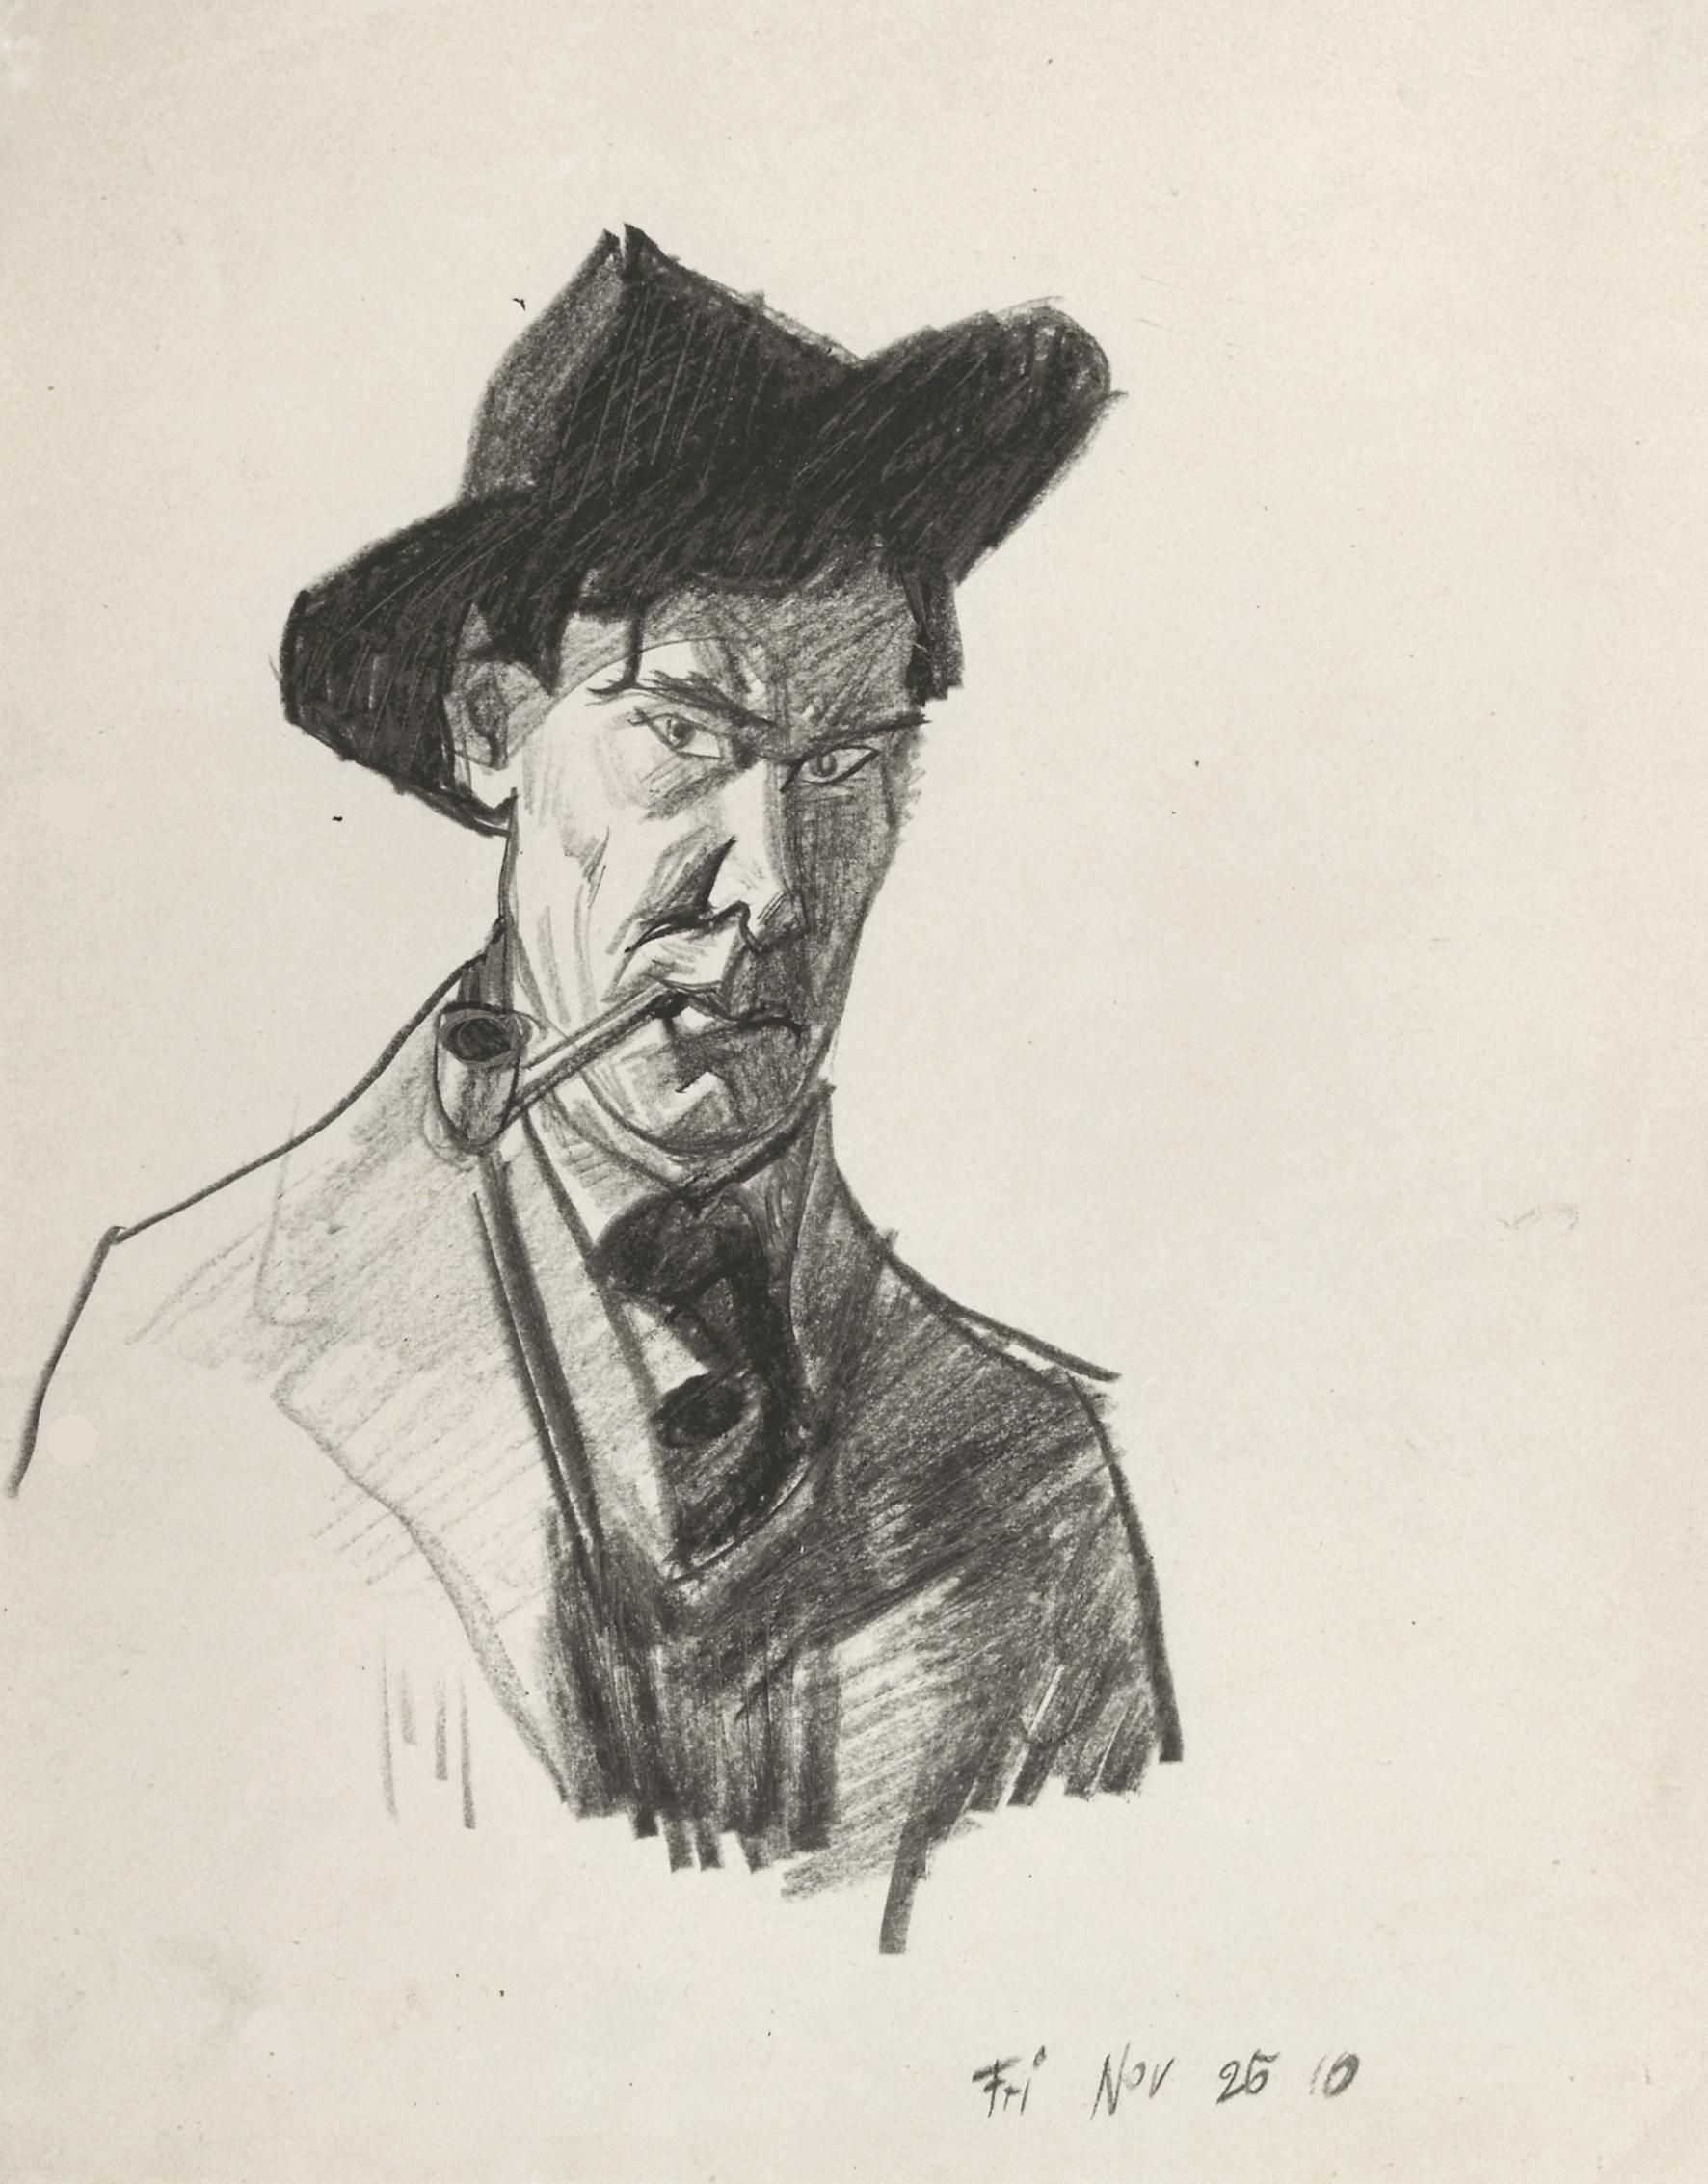 Lyonel Feininger, (Selbstbildnis), 1910, Kohle auf Papier, 27,9 x 22,2 cm, Achim Moeller, New York © VG Bildkunst Bonn